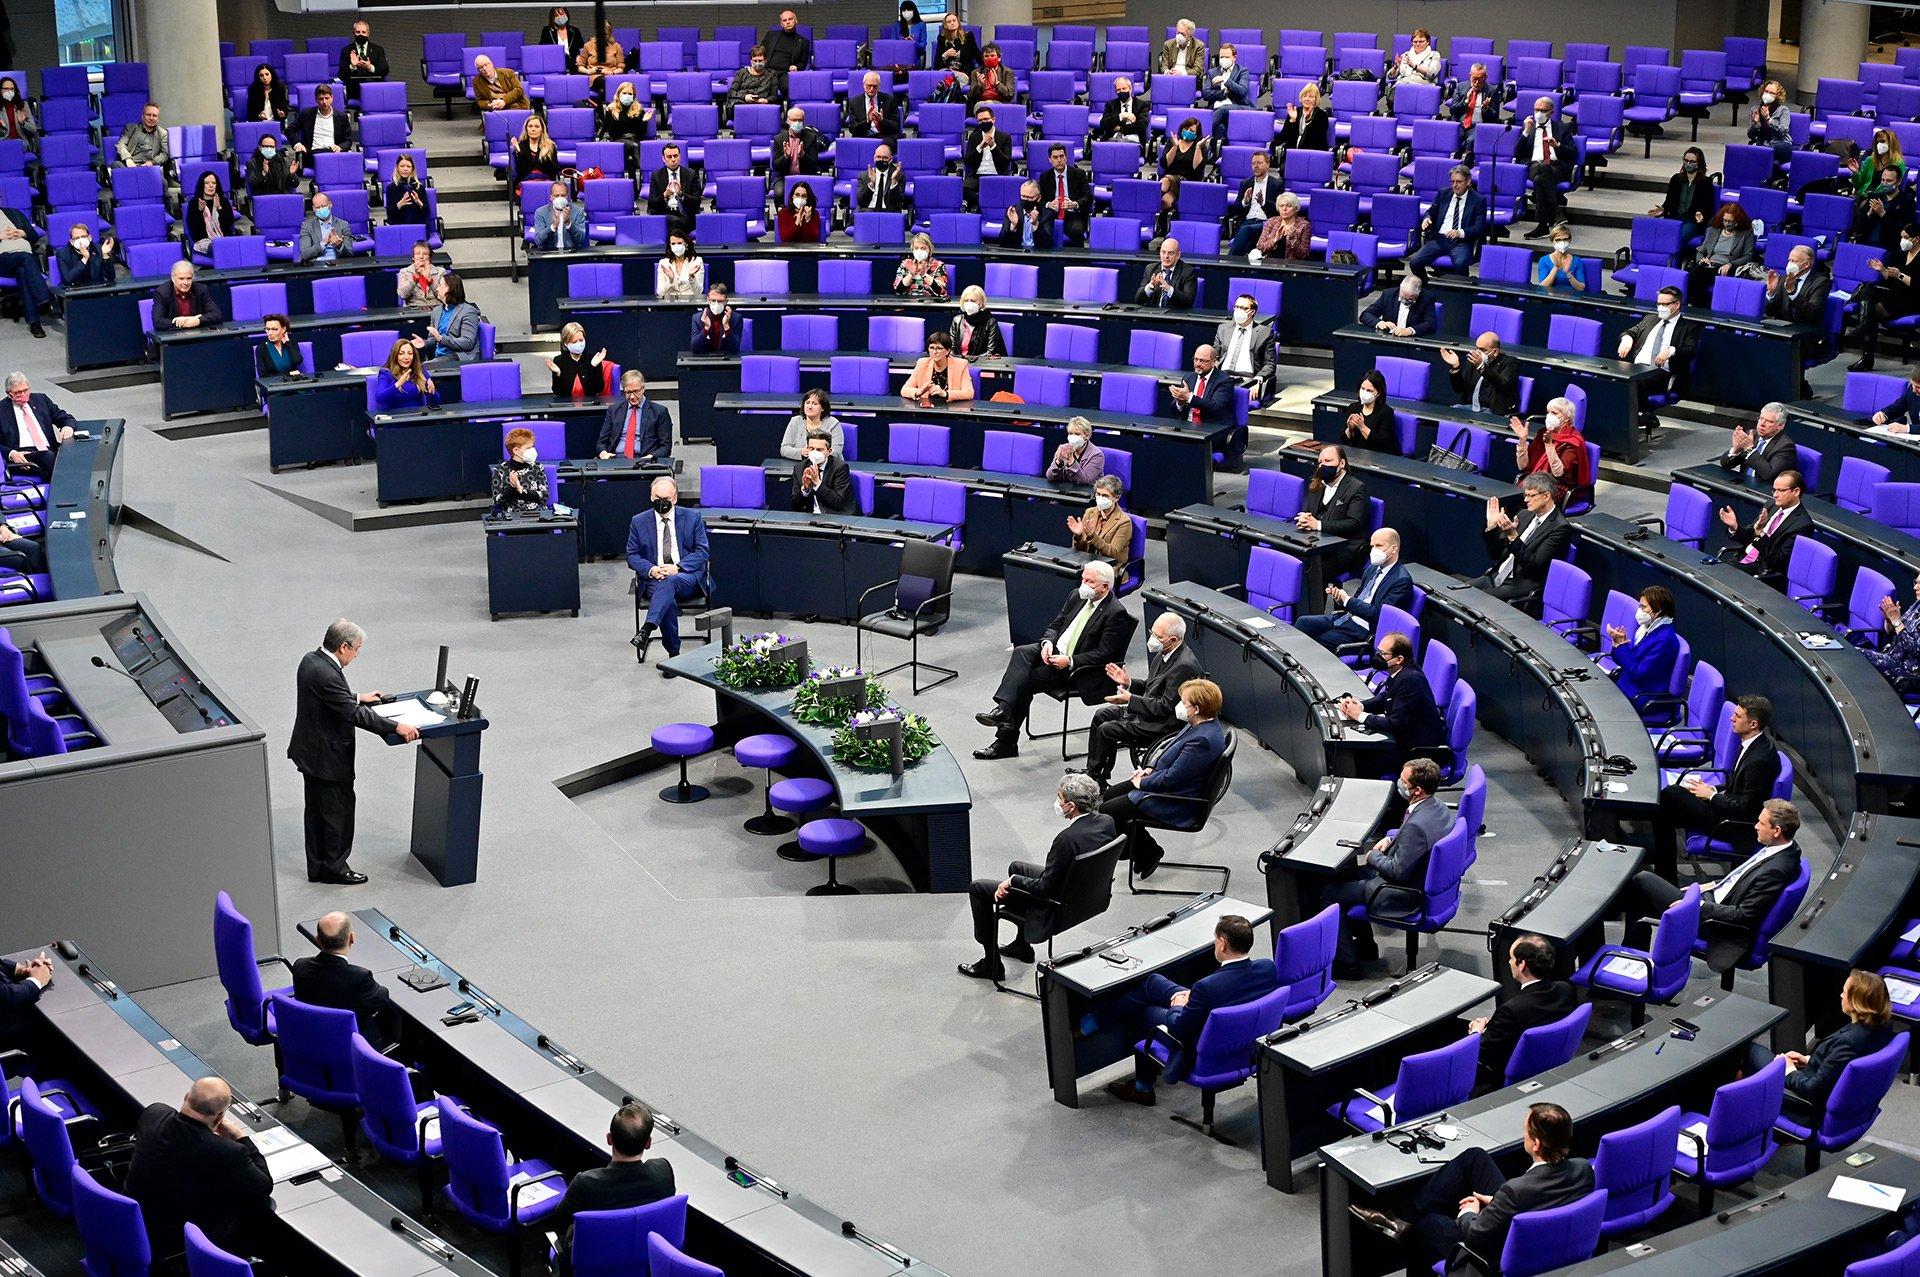 Zurück zum Thema | Vielfalt im Bundestag – Muss der Bundestag diverser werden? | detektor.fm – Das Podcast-Radio